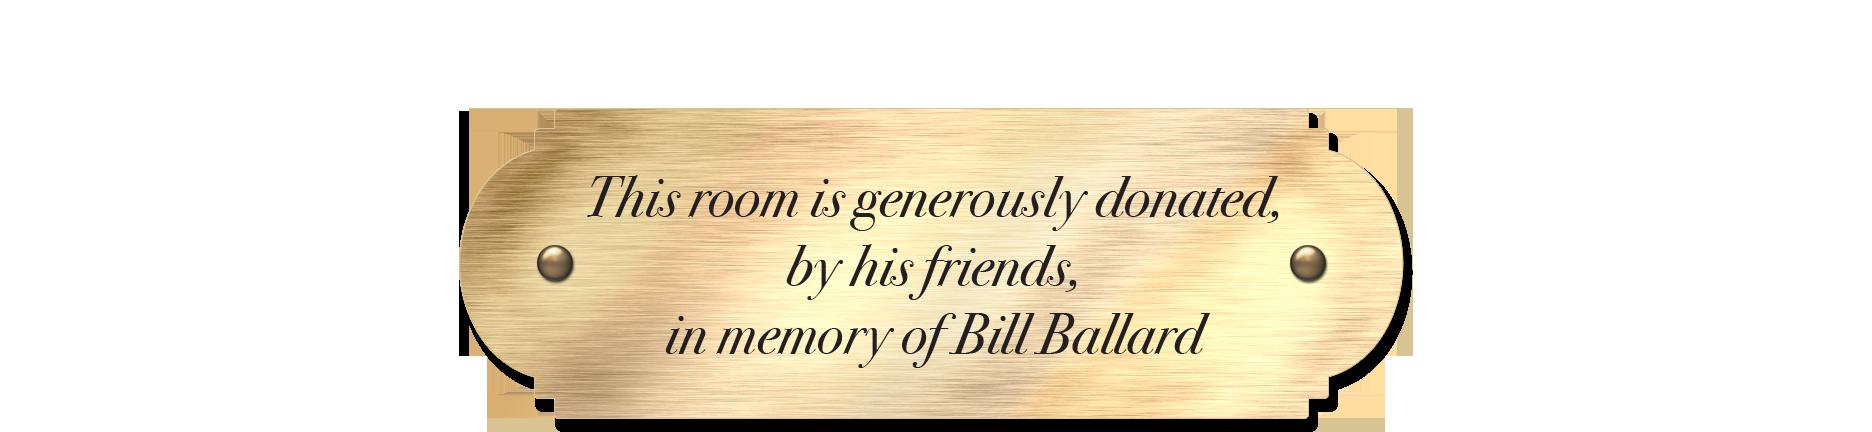 Bill Ballard